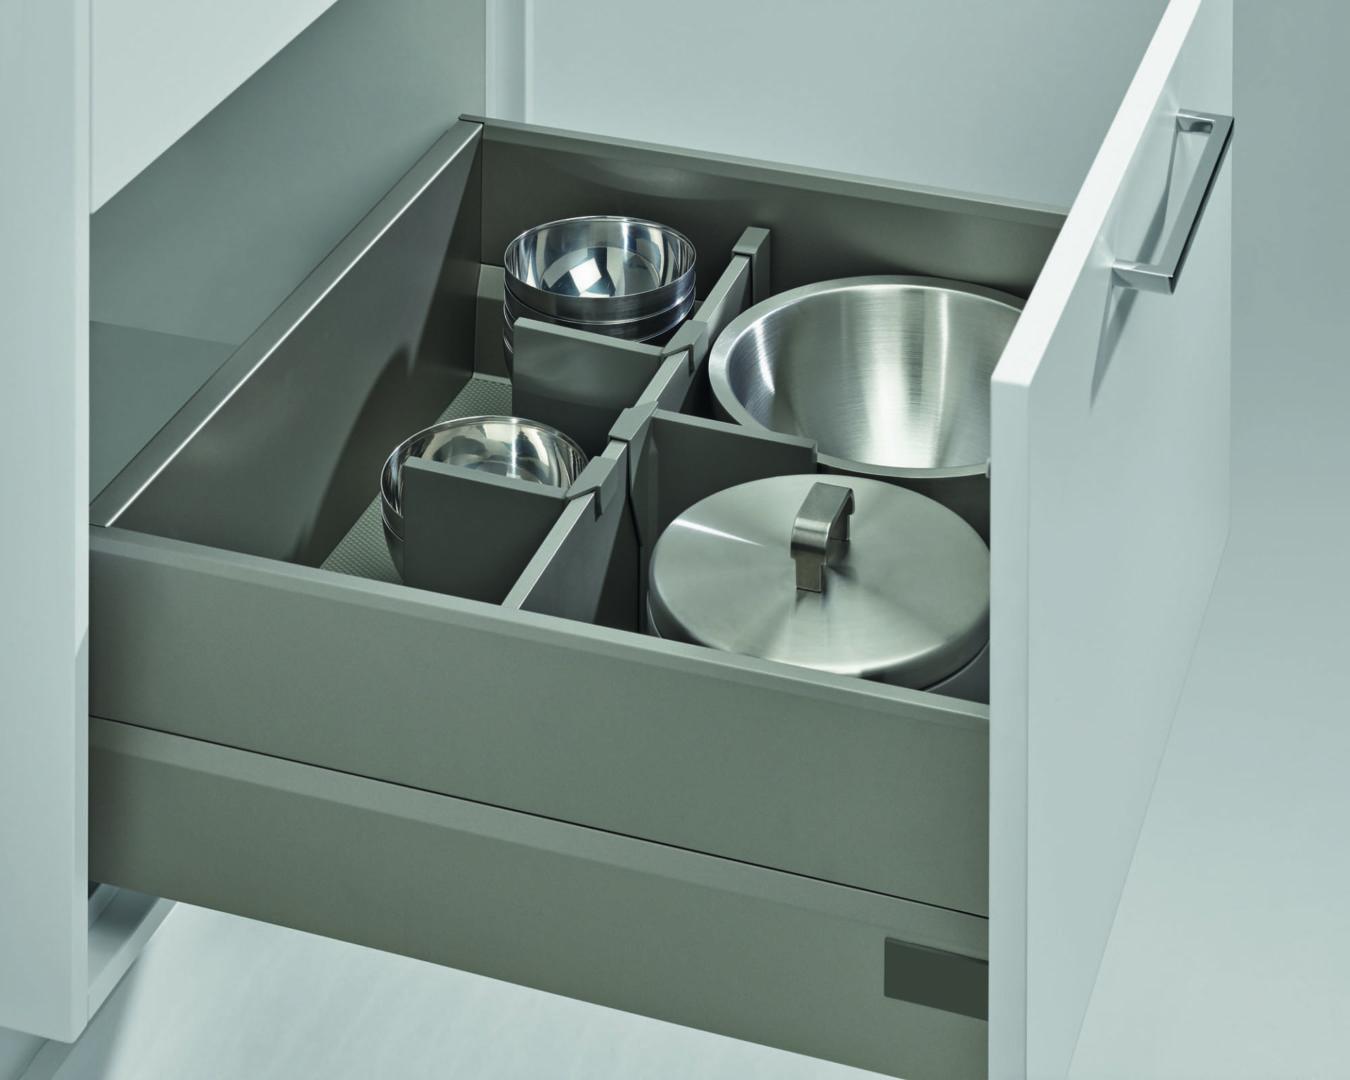 pn Auszug 4 scaled - Küchenzubehör